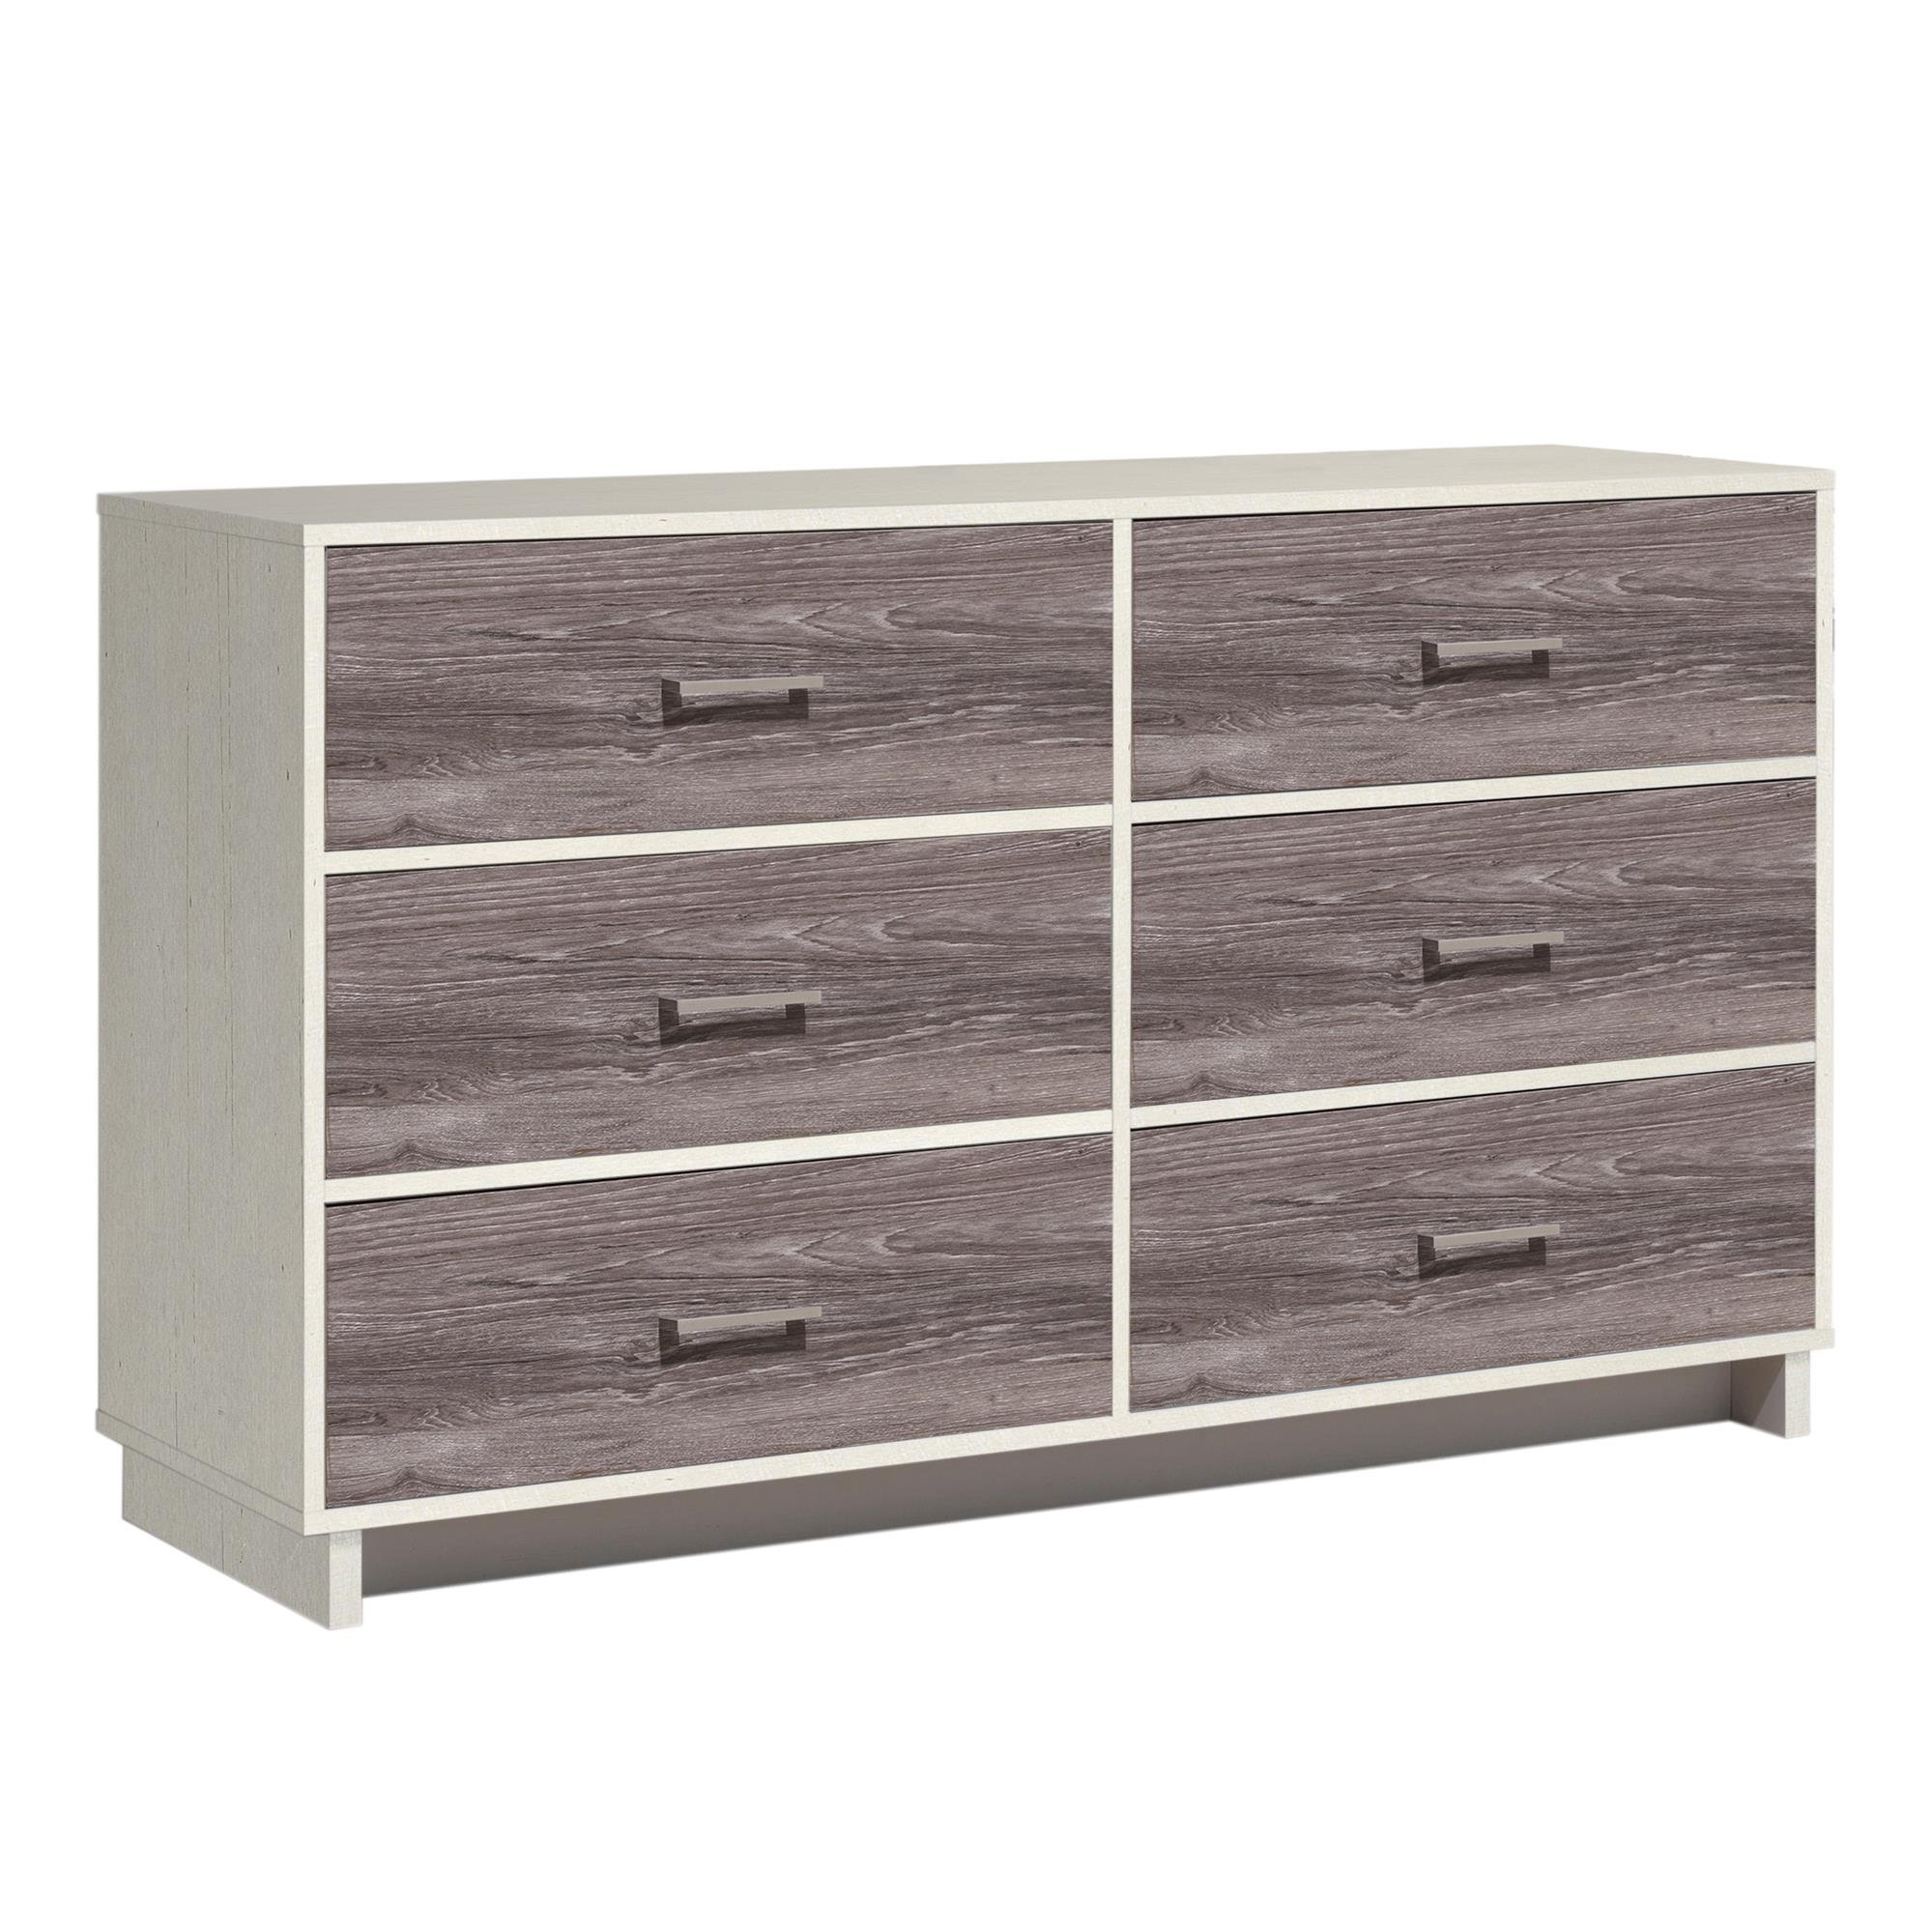 Ameriwood Home Colebrook 6 Drawer Dresser, Vintage White/Rustic